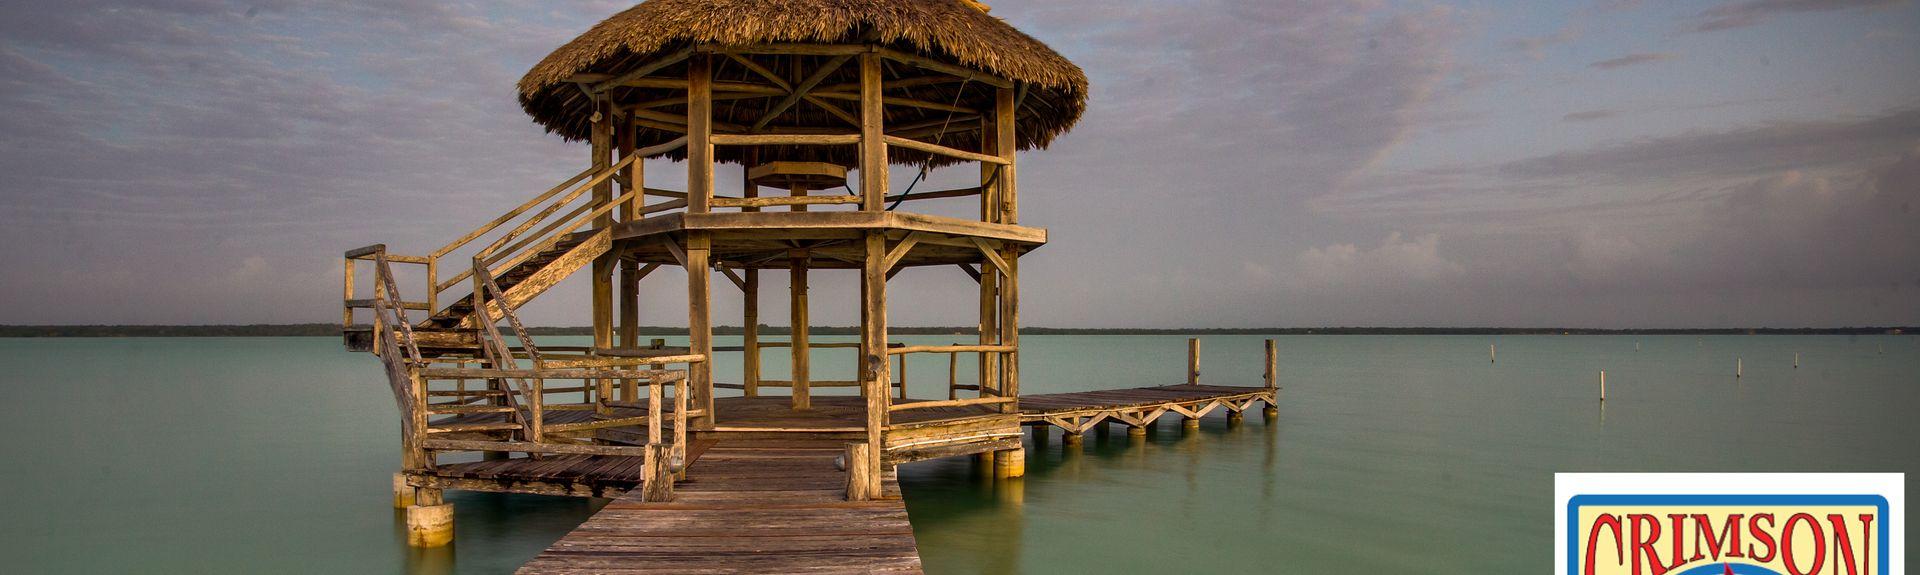 Corozal, Corozal District, Belize